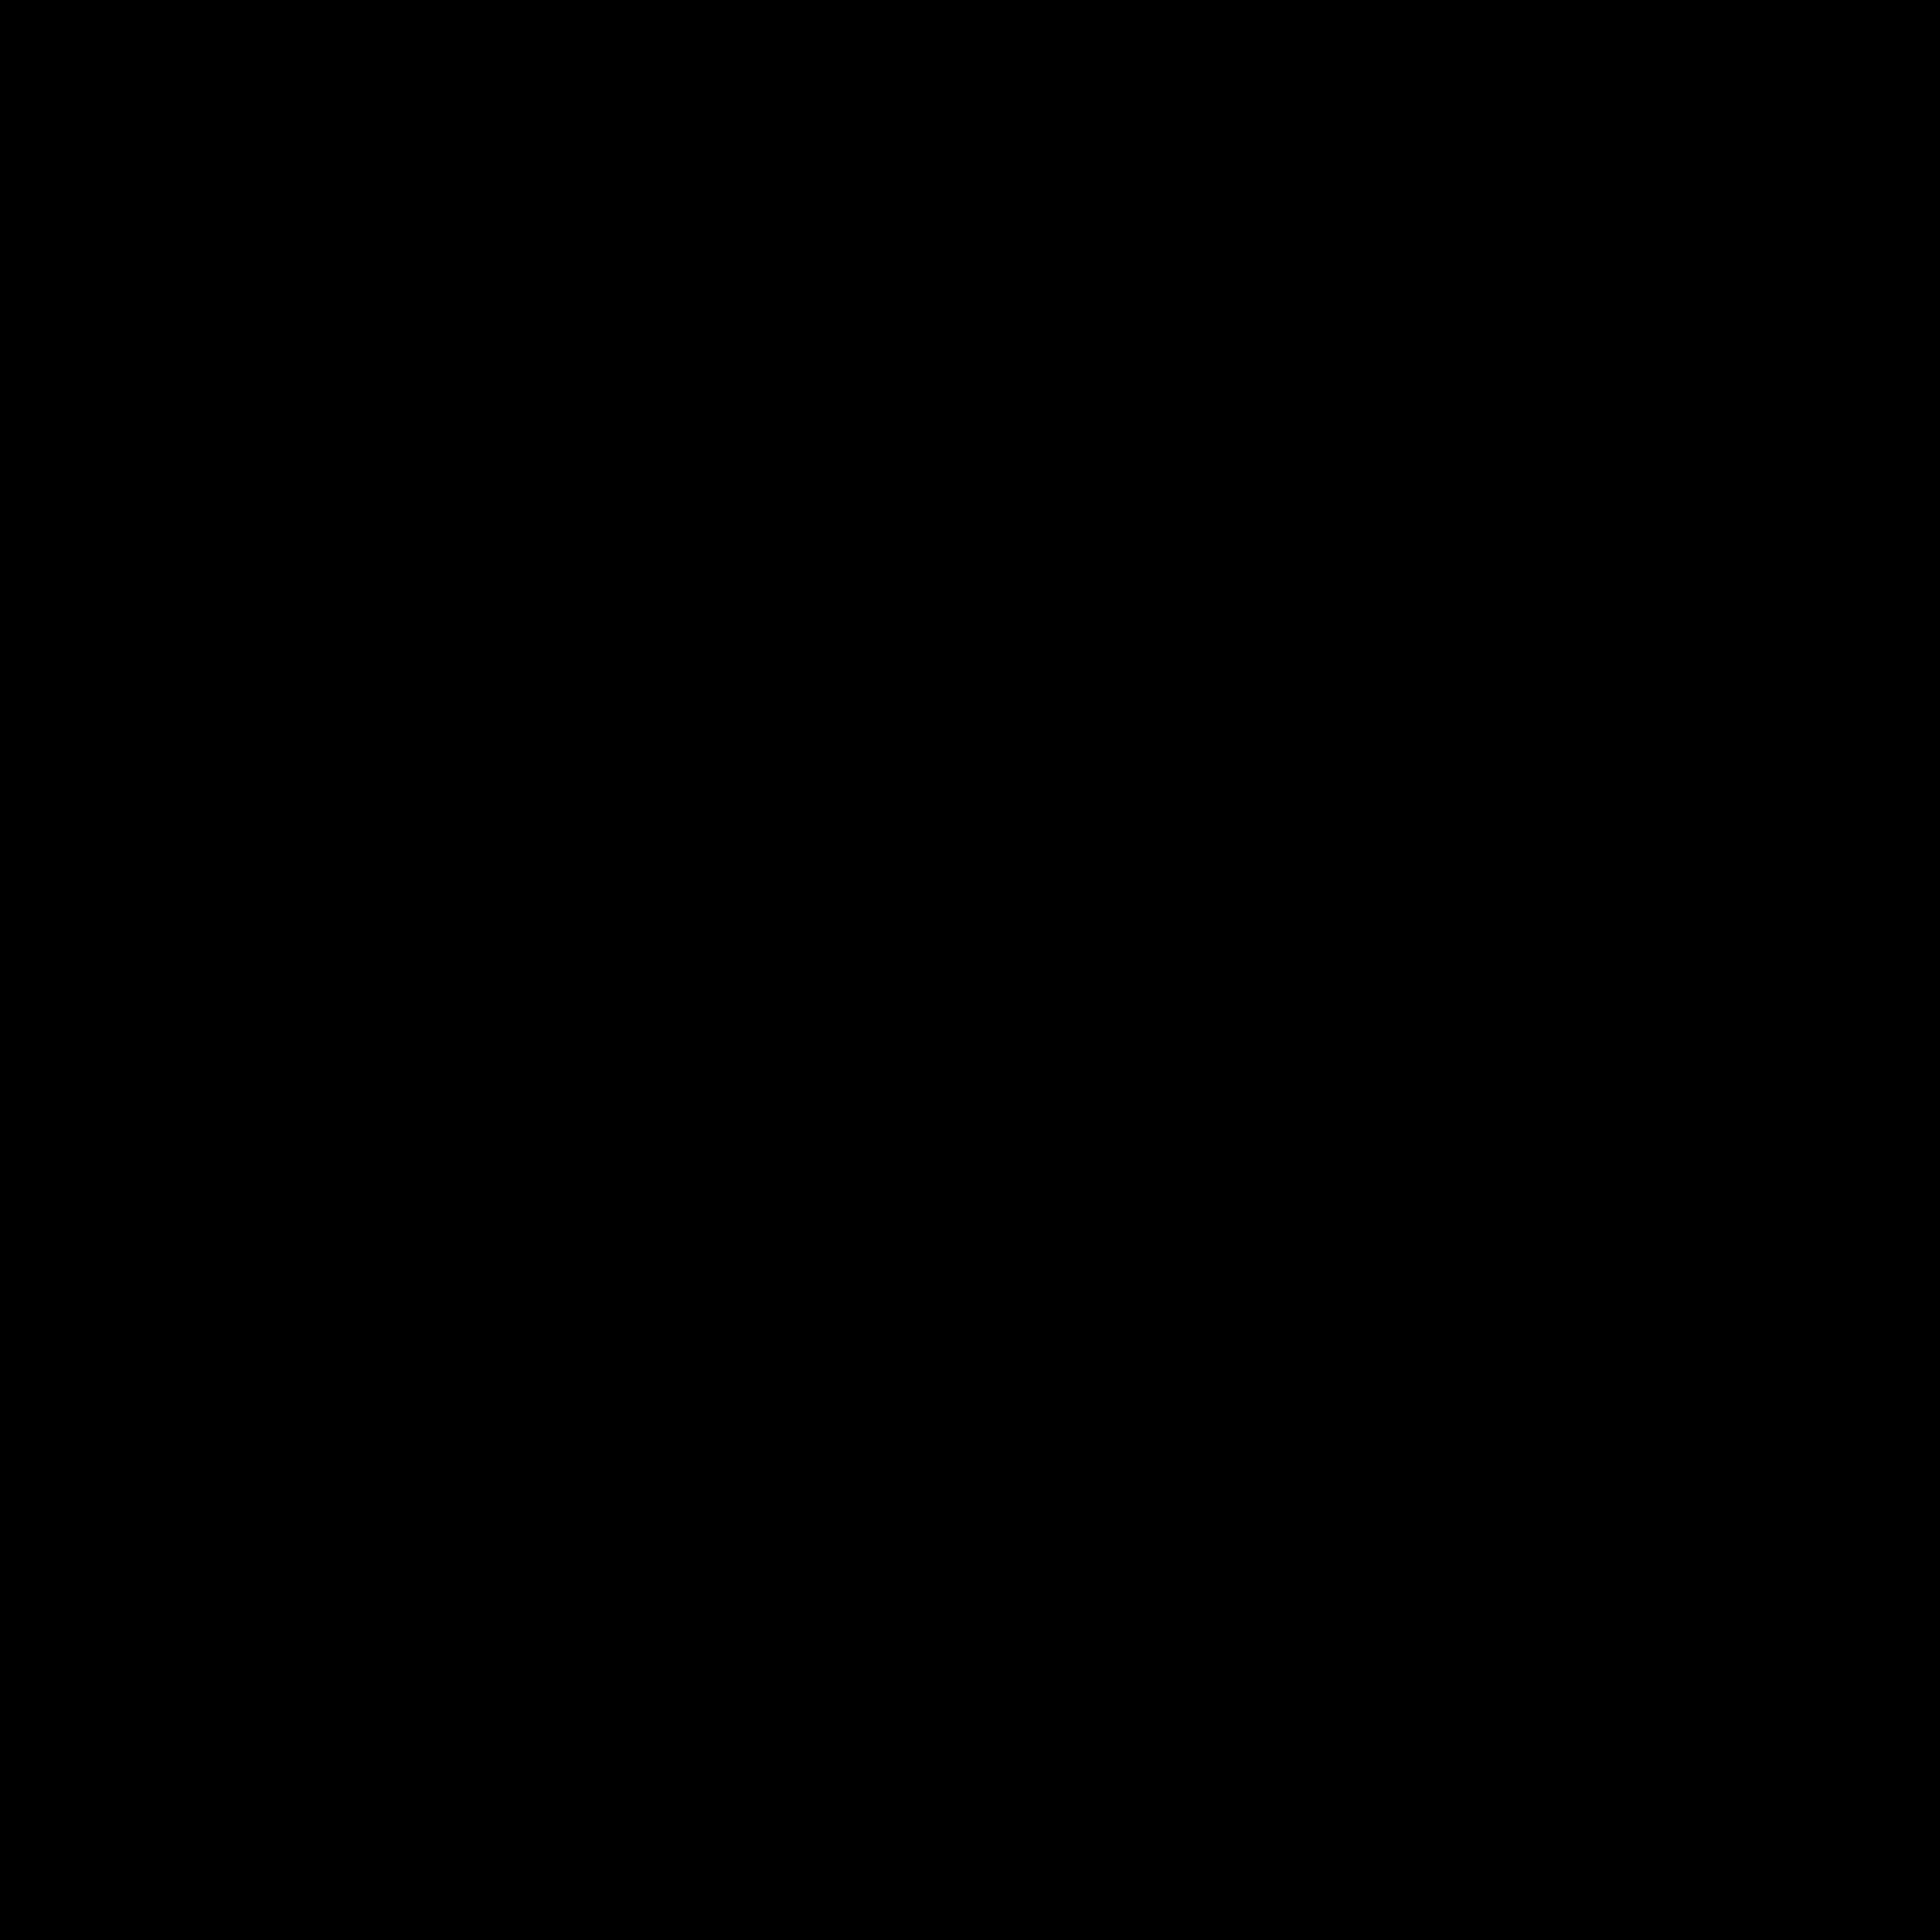 Aquafresh Logo PNG Transparent & SVG Vector.